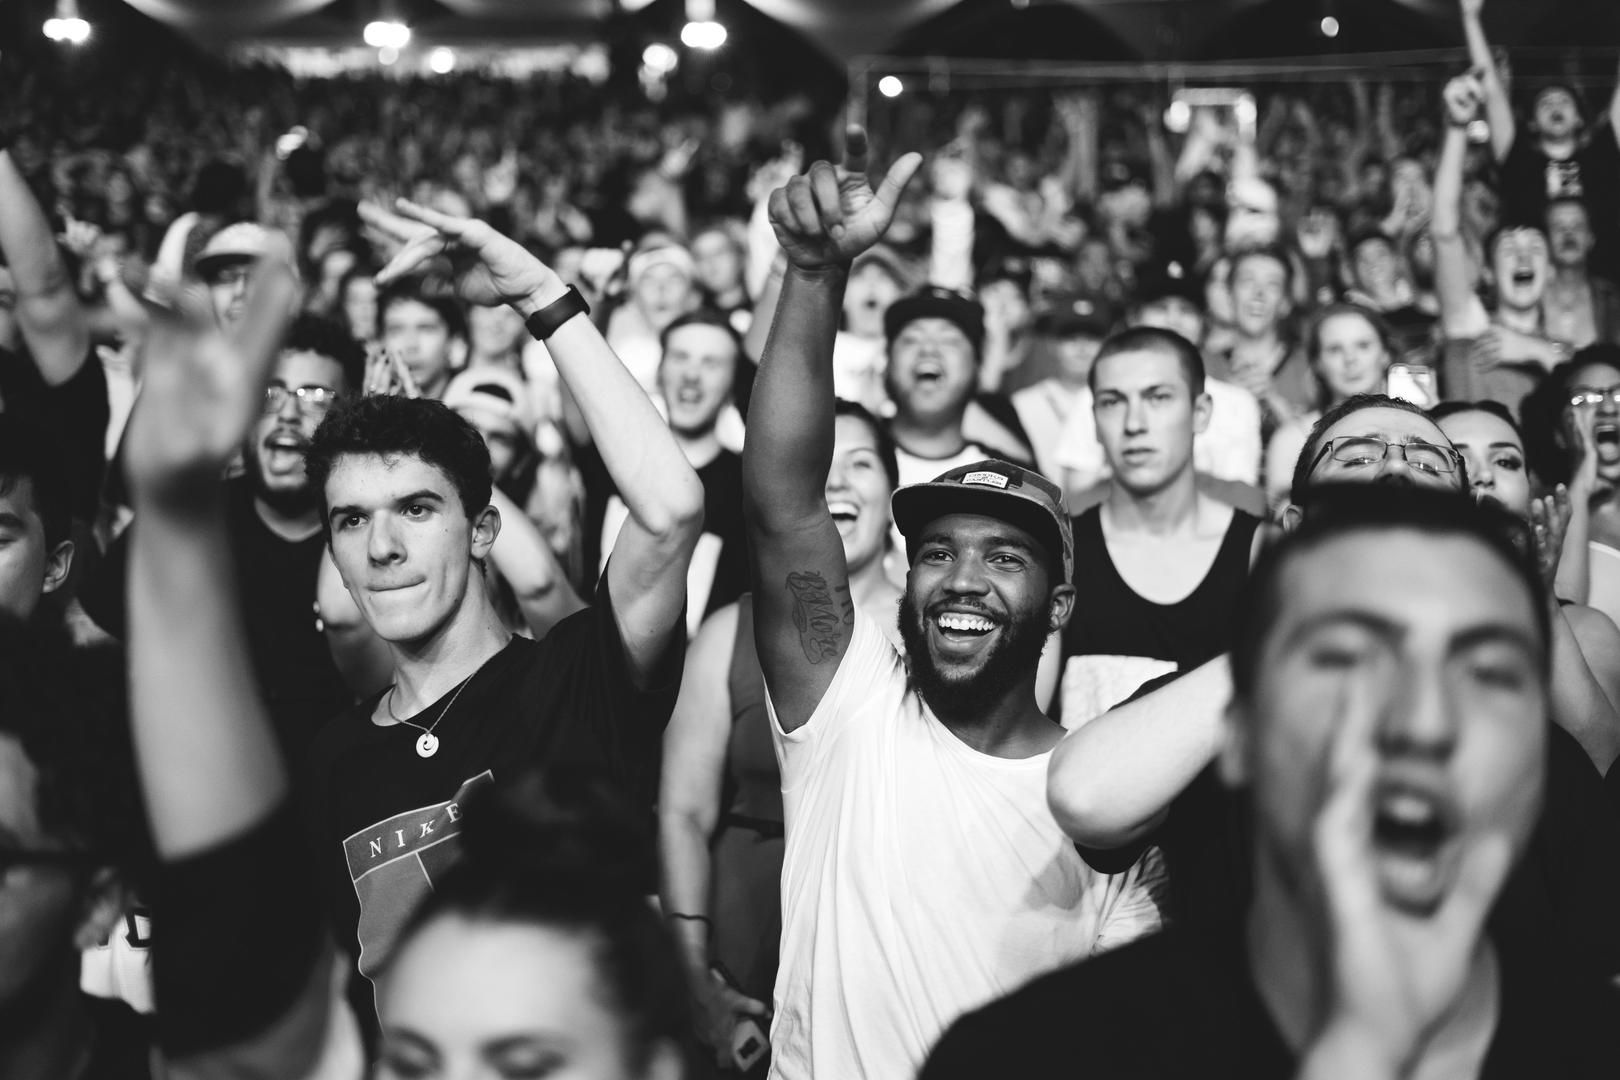 Crowd Energy